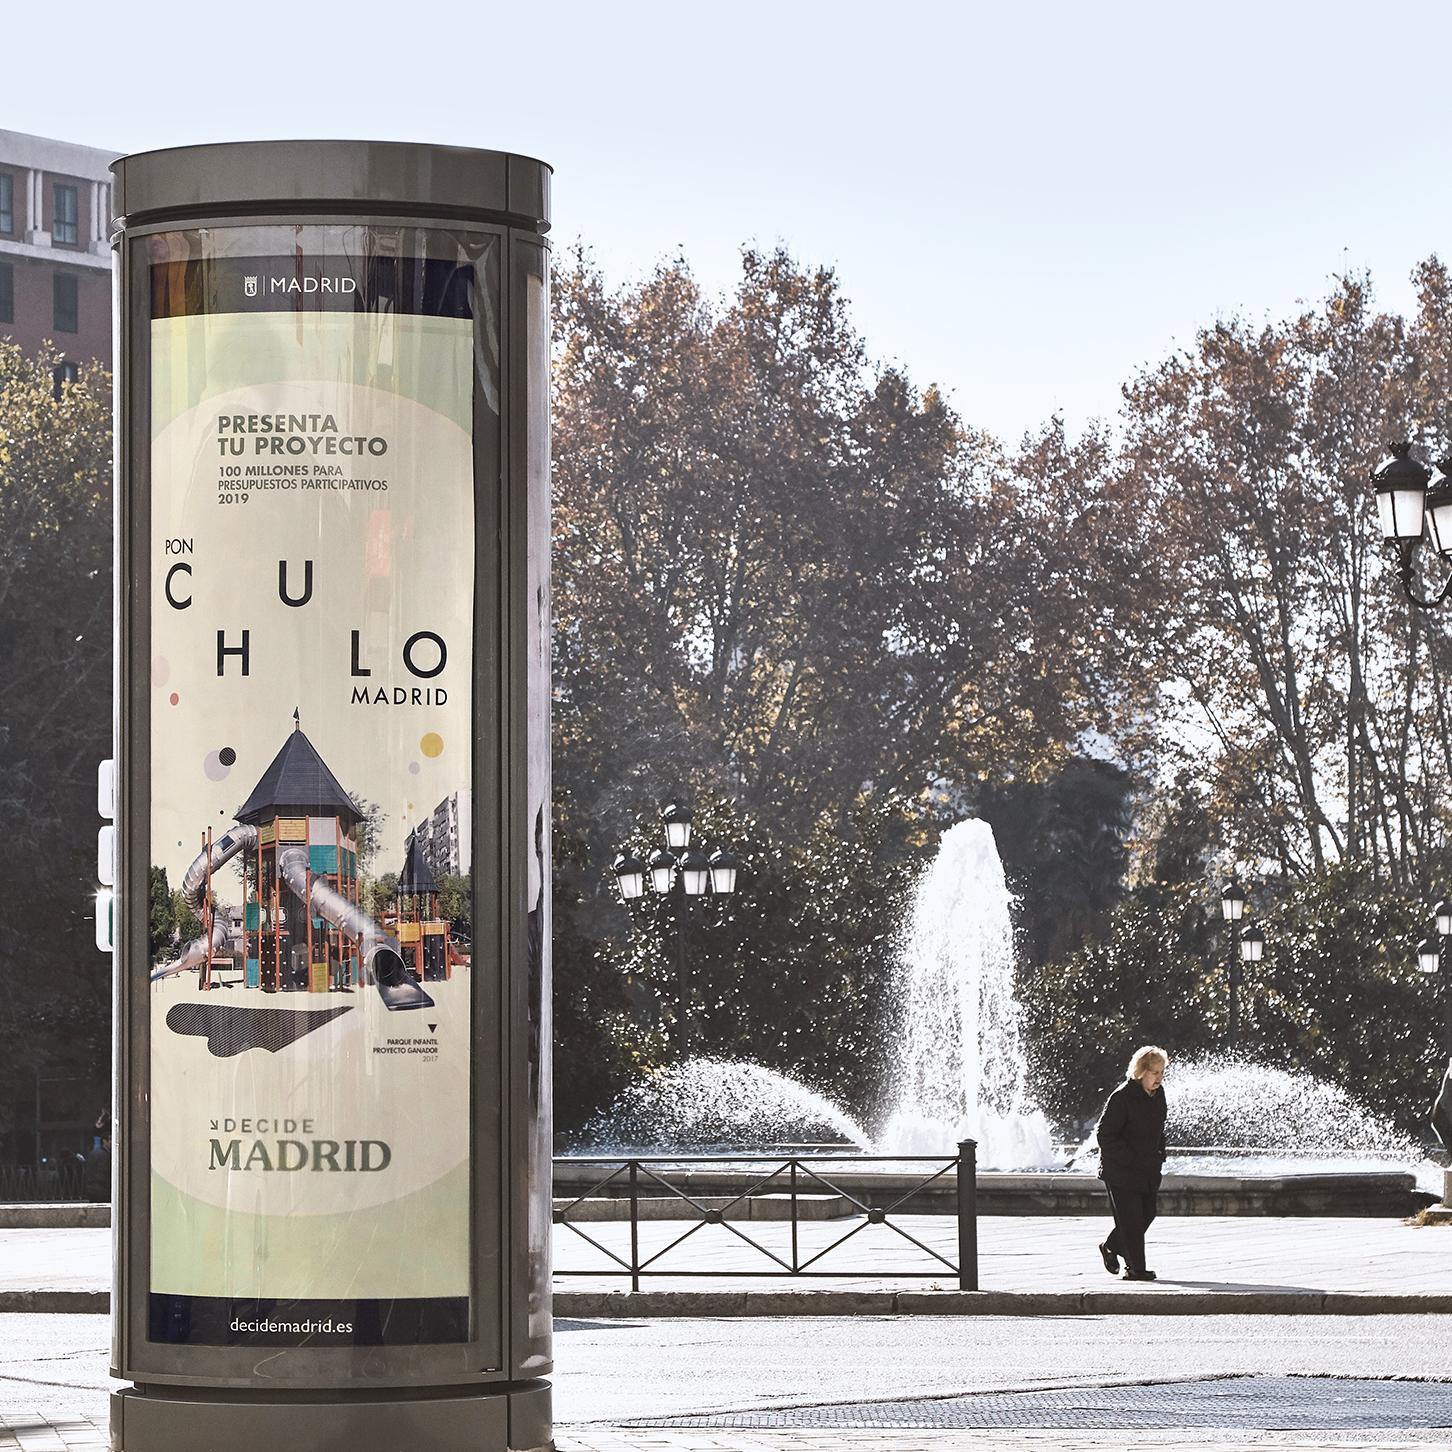 AYUNTAMIENTO DE MADRID<br>&#8220;PON CHULO MADRID&#8221;